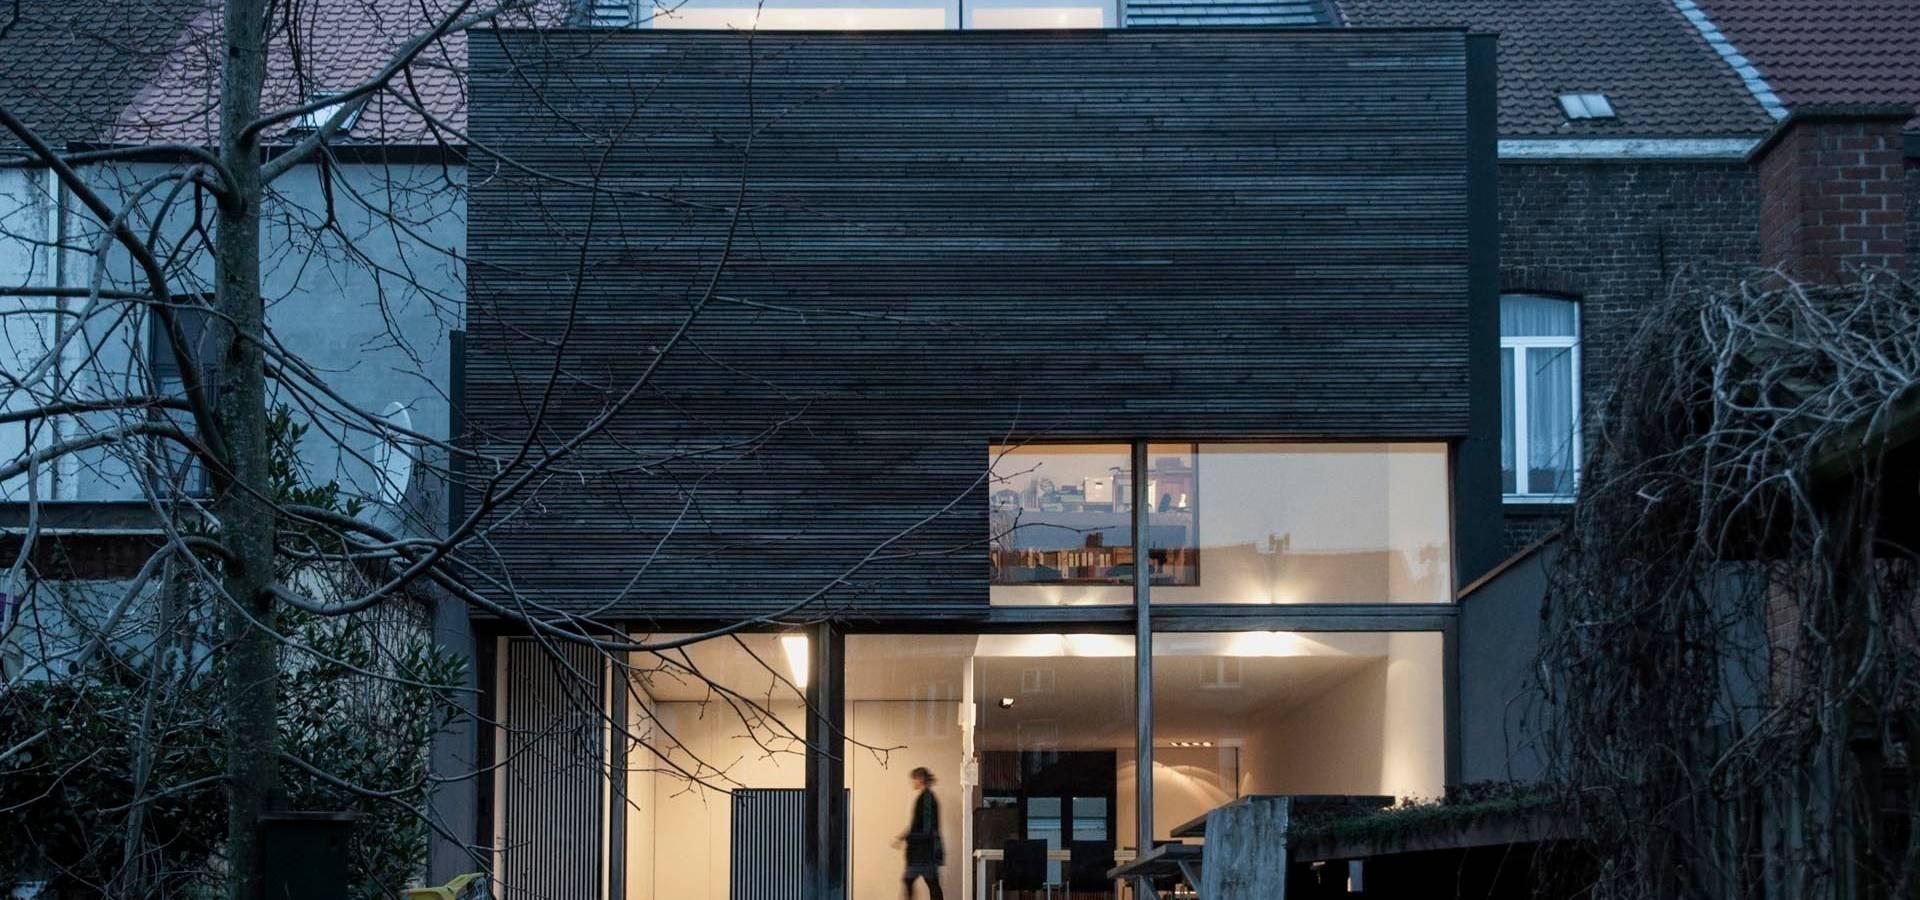 bruno vanbesien architects